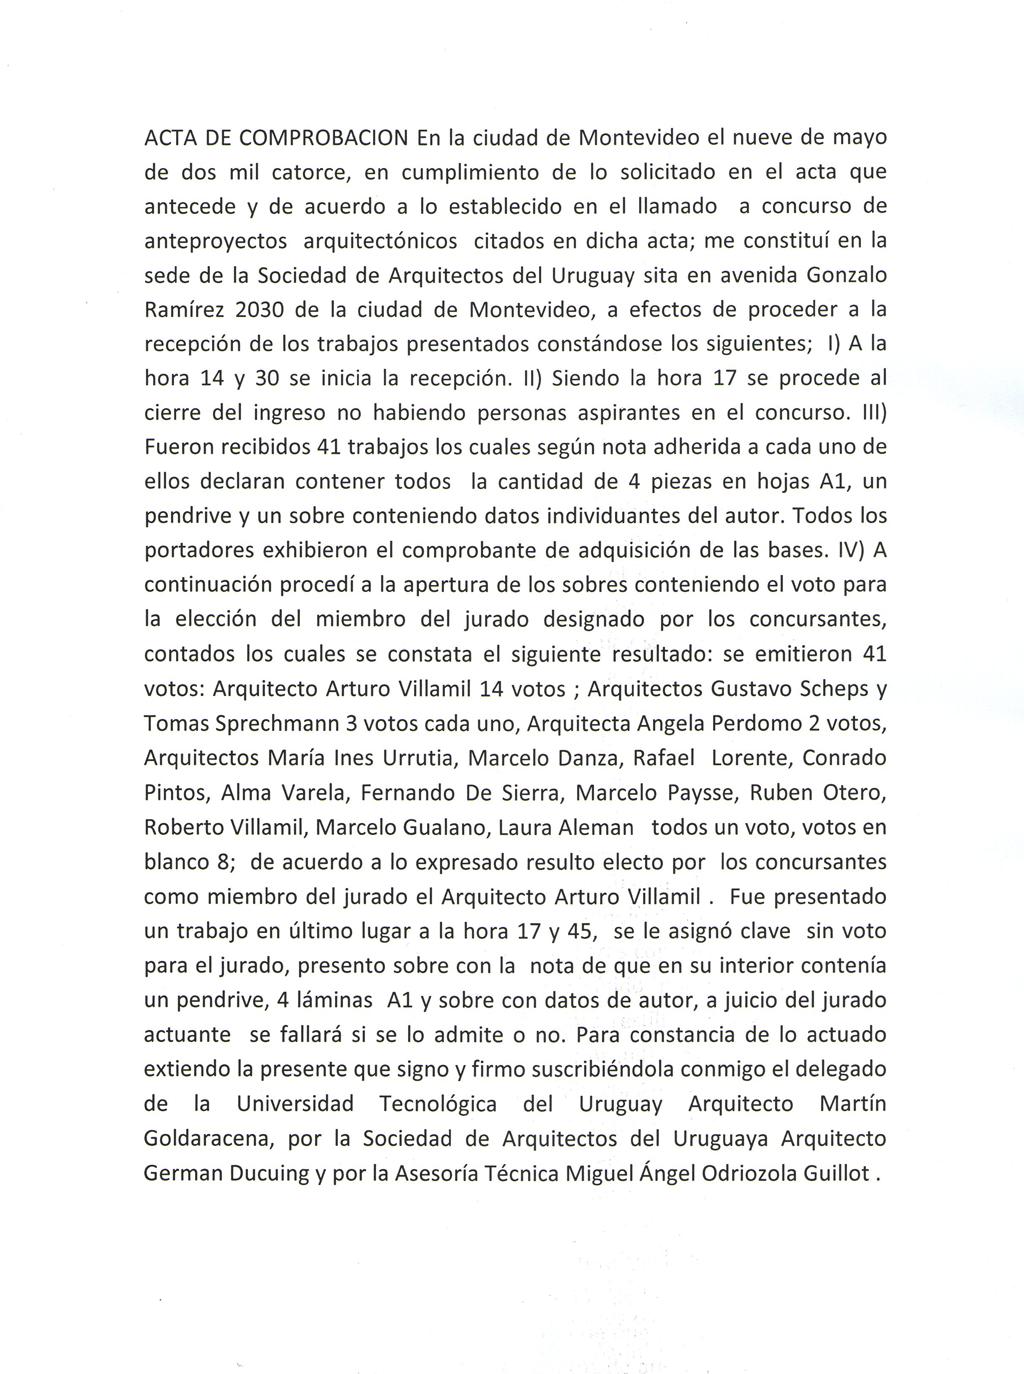 Concurso p blico anteproyectos arquitect nicos sede itr fray bentos sociedad de arquitectos - Sociedad de arquitectos ...